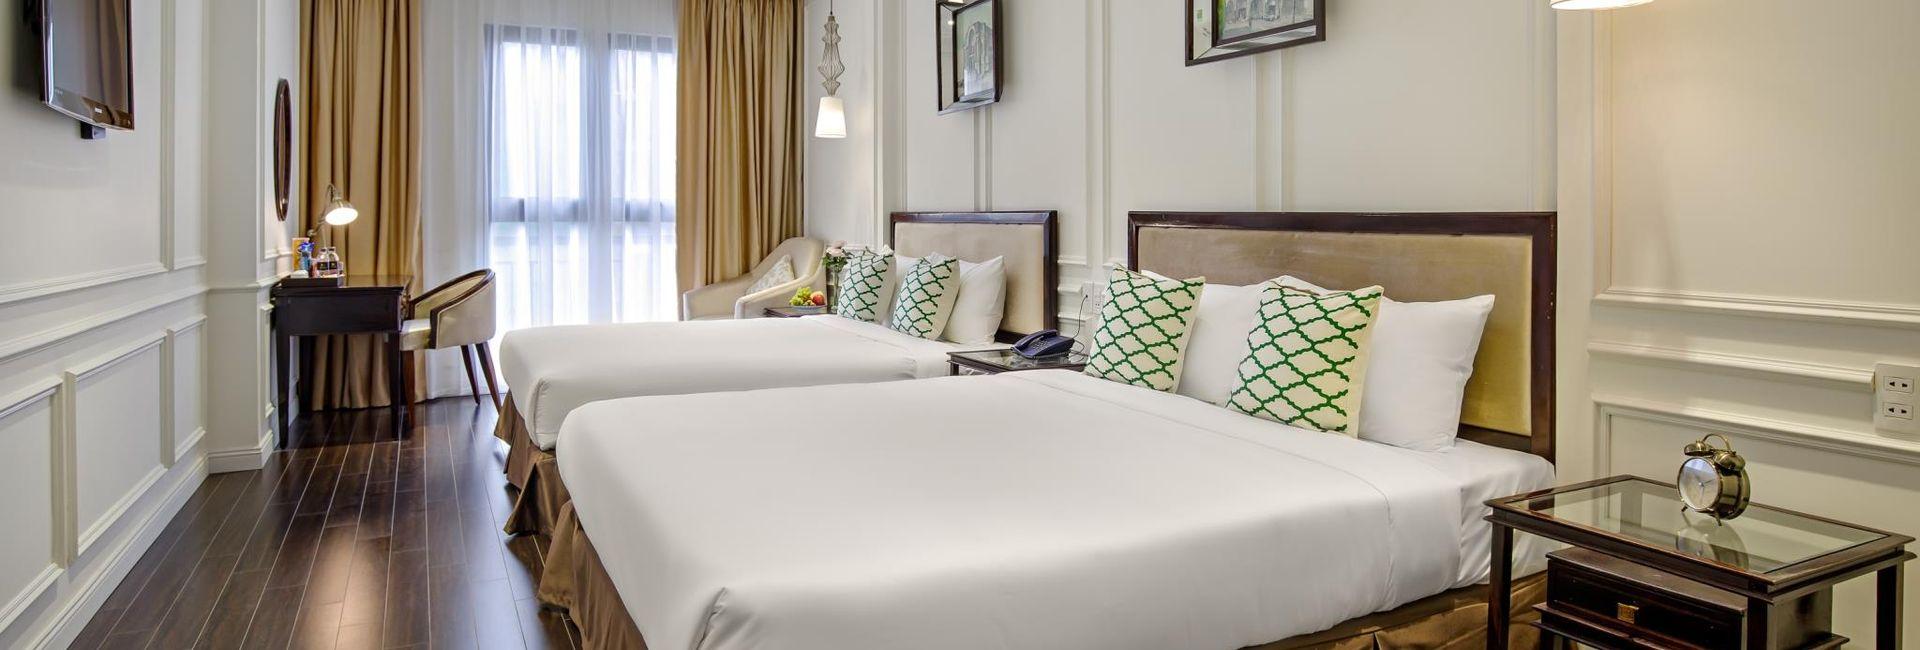 Top 10 khách sạn 3 sao Đà Nẵng giá rẻ, chất lượng